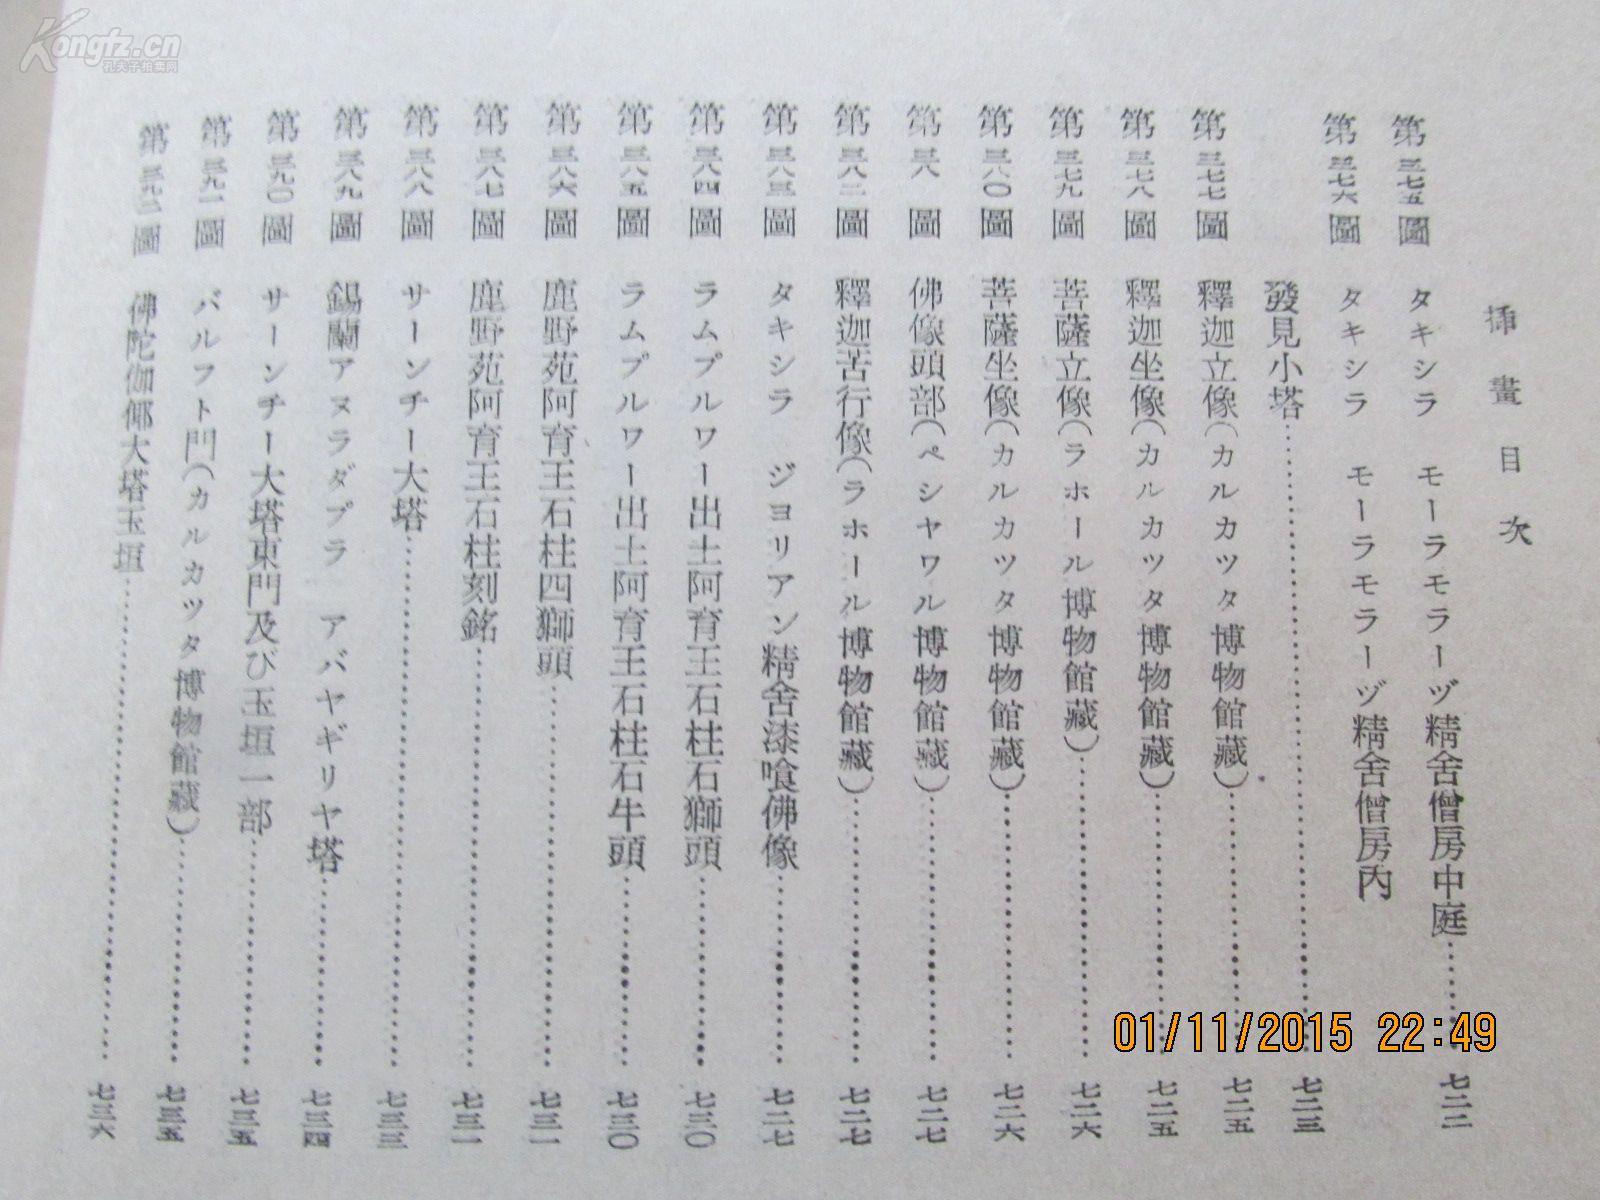 《艺术的绘制和支那》一厚册800多页全!怎么用WPS注音建筑田字格图片